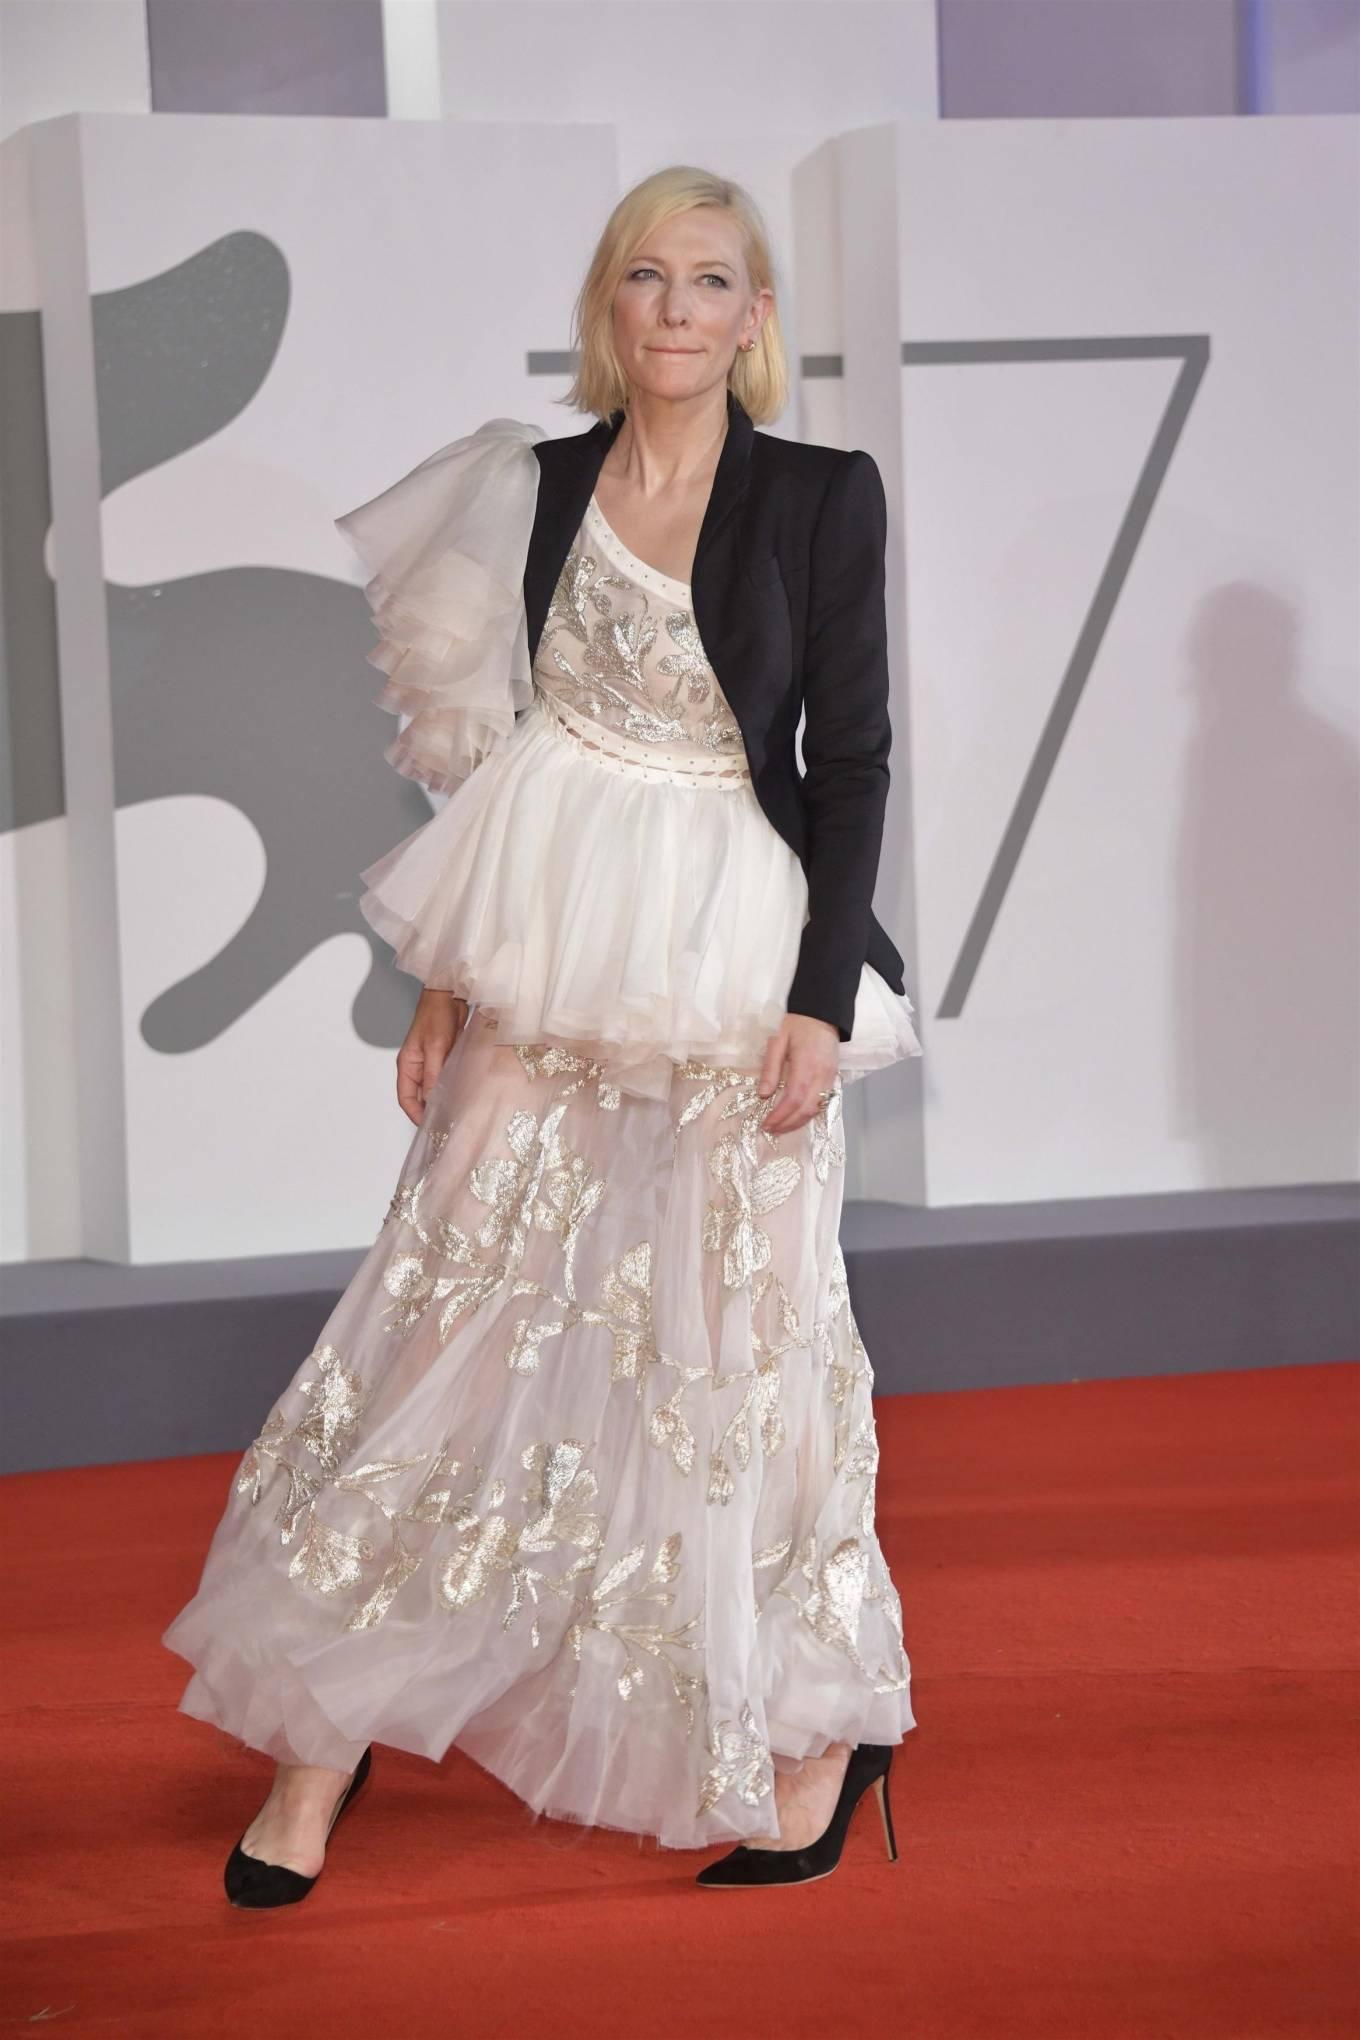 Cate Blanchett 2020 : Cate Blanchett – Red Carpet for the Golden Lion Award for Lifetime Achievement Ceremony to Ann Hui -13